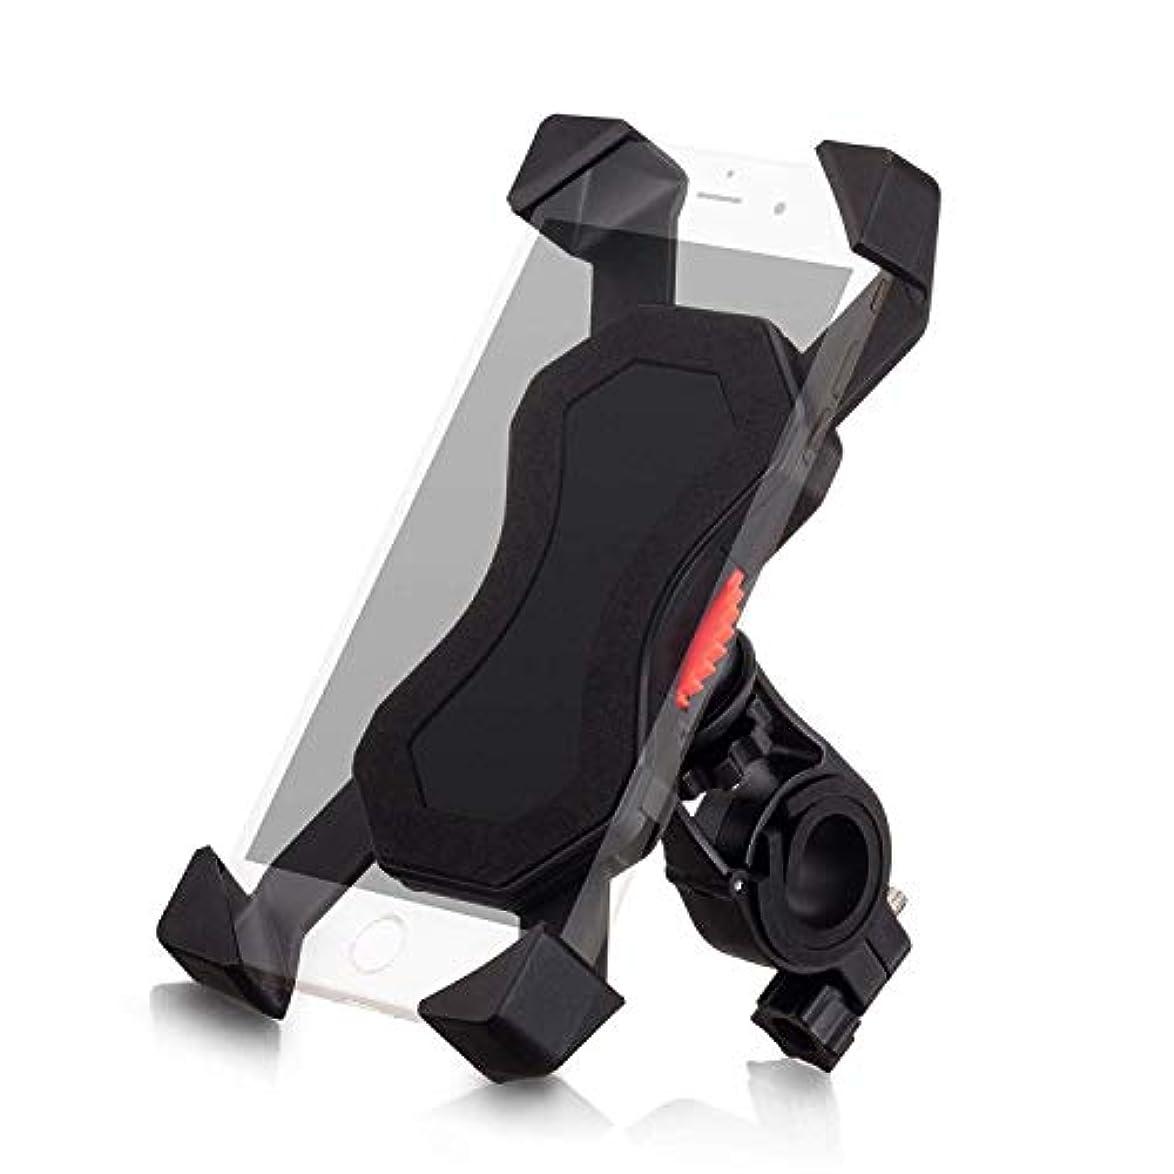 のホスト未亡人イタリアの自転車 スマホ ホルダー 自転車の電話ホルダー 自転車ホルダー 堅牢で安定した 360°回転 iphone7 8 X/android HUAWEI に適用